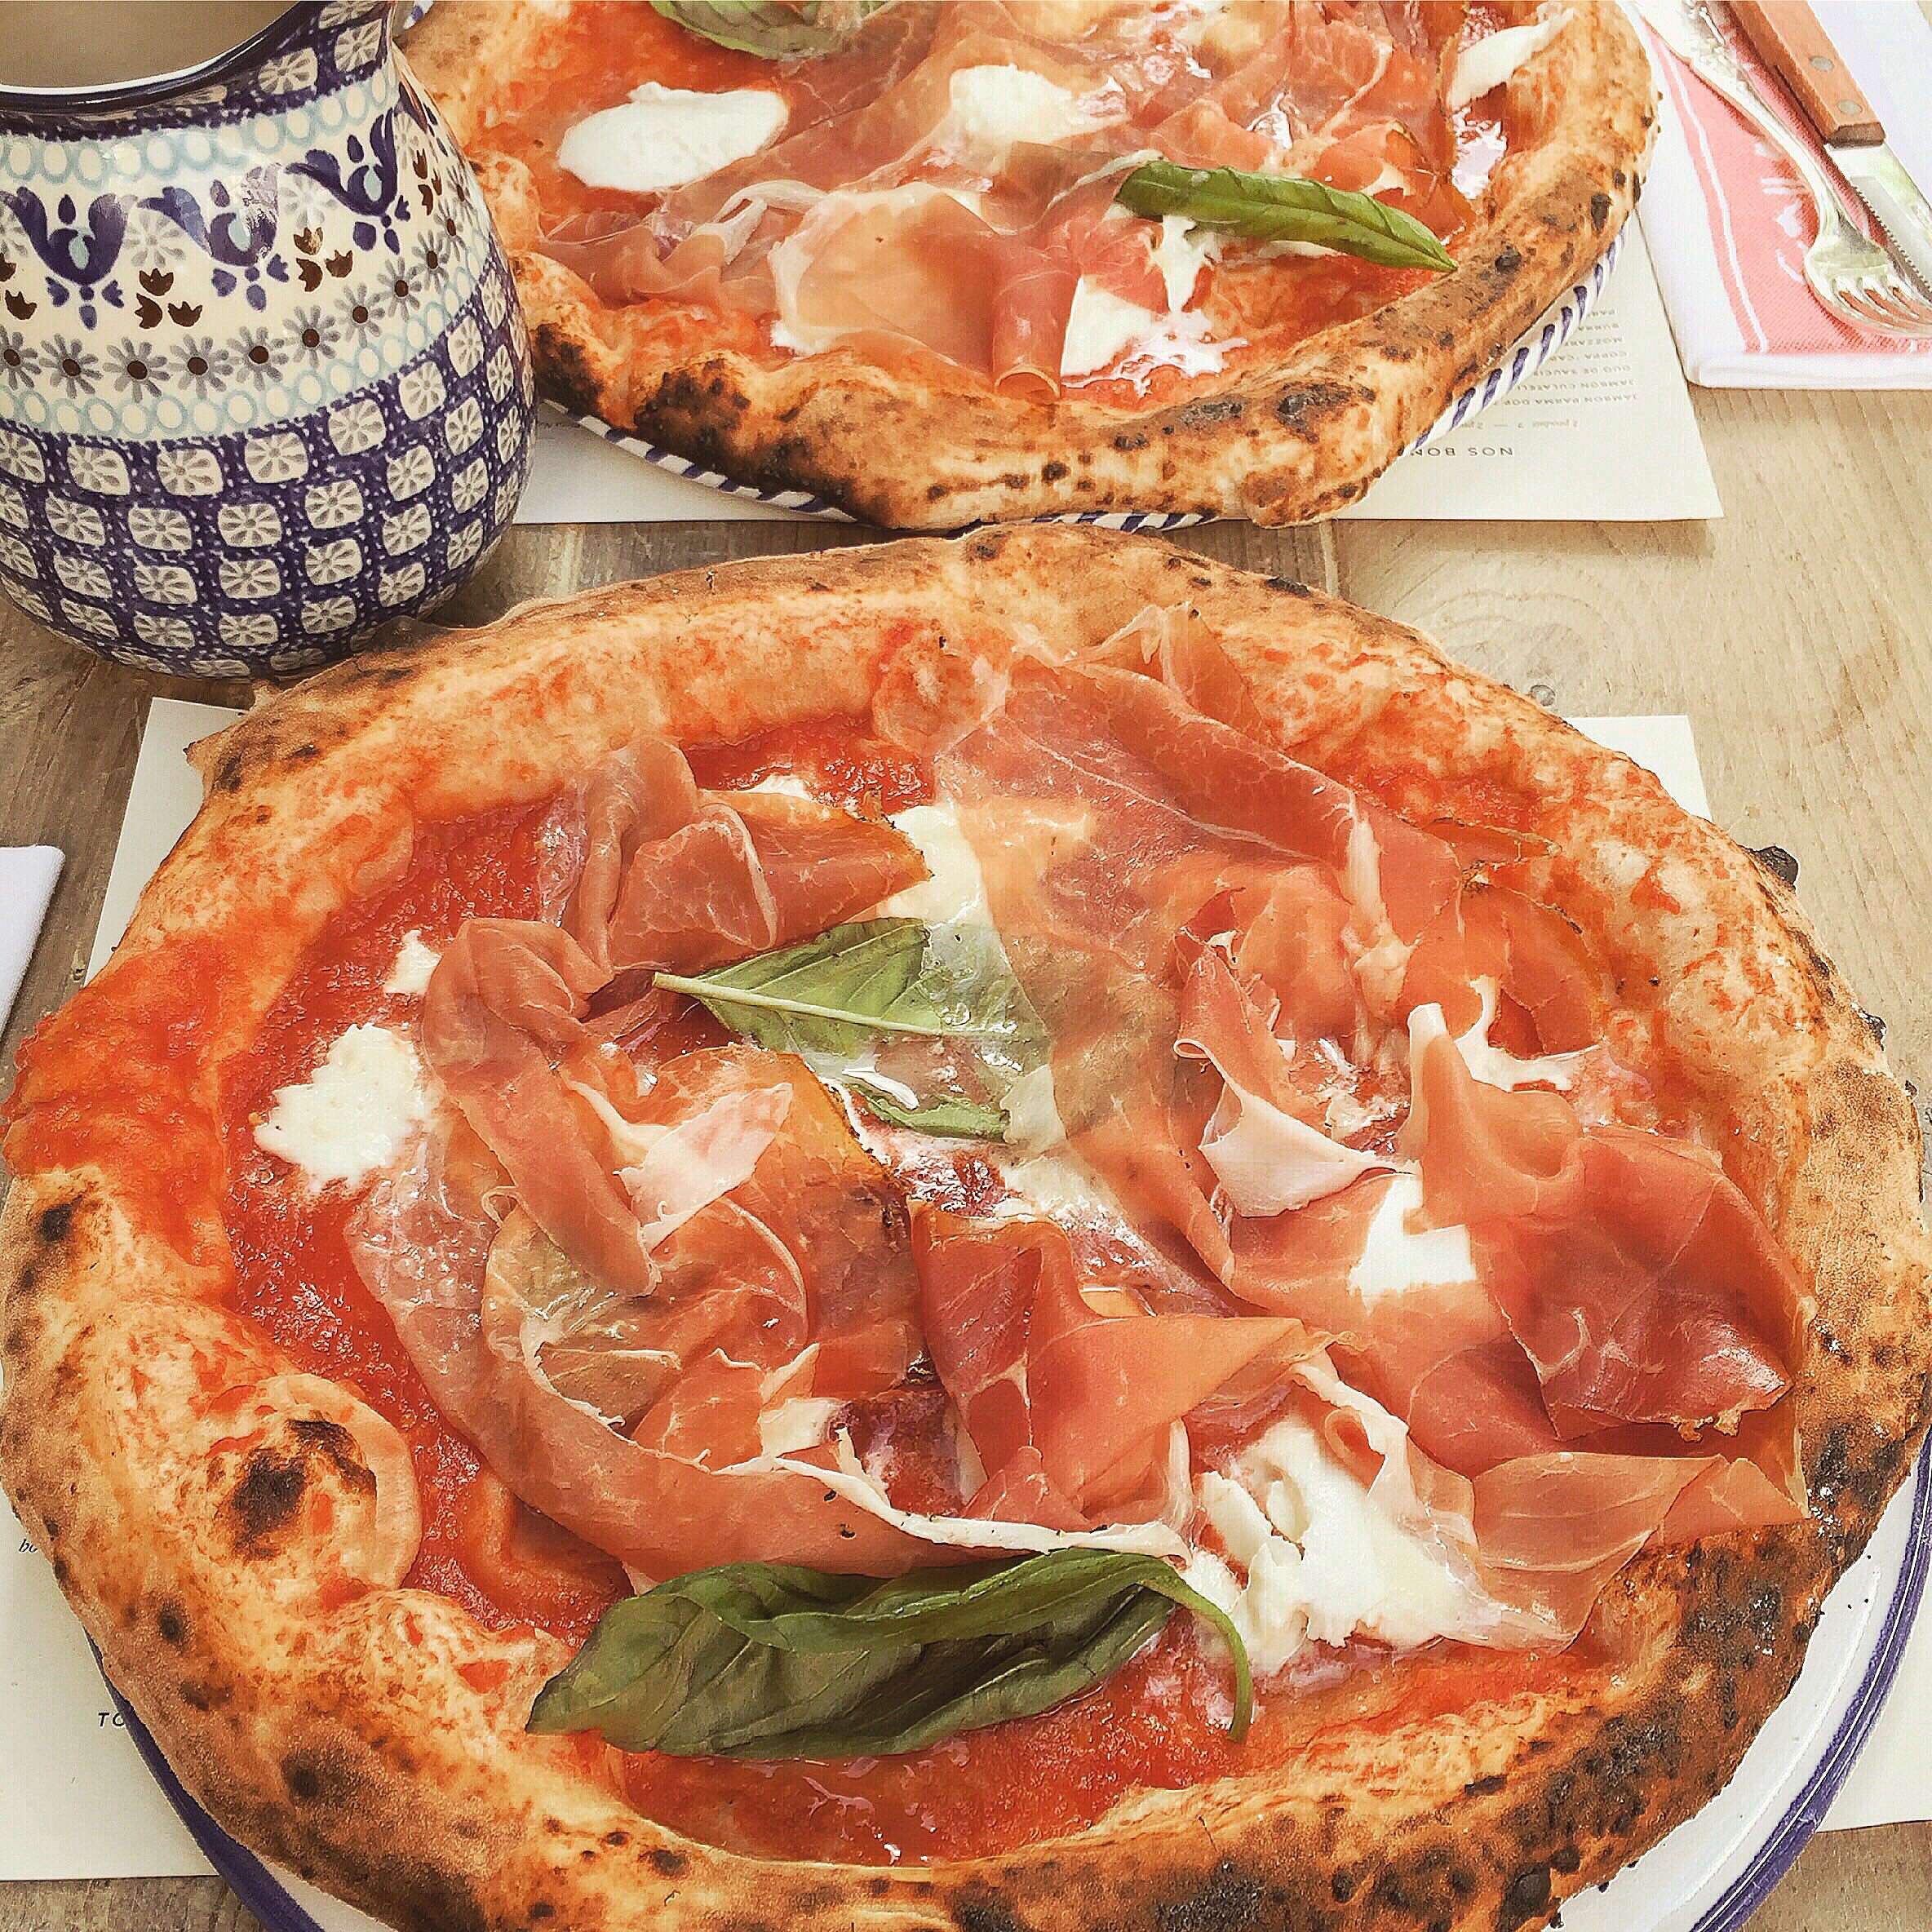 MAMMA Primi /Ober mamma - Nourriture italienneQu'est ce que je commande ?- Une pizza napolitaine- Les pâtes à la truffe- Le TiramisuAvec qui ?Tout le monde :p